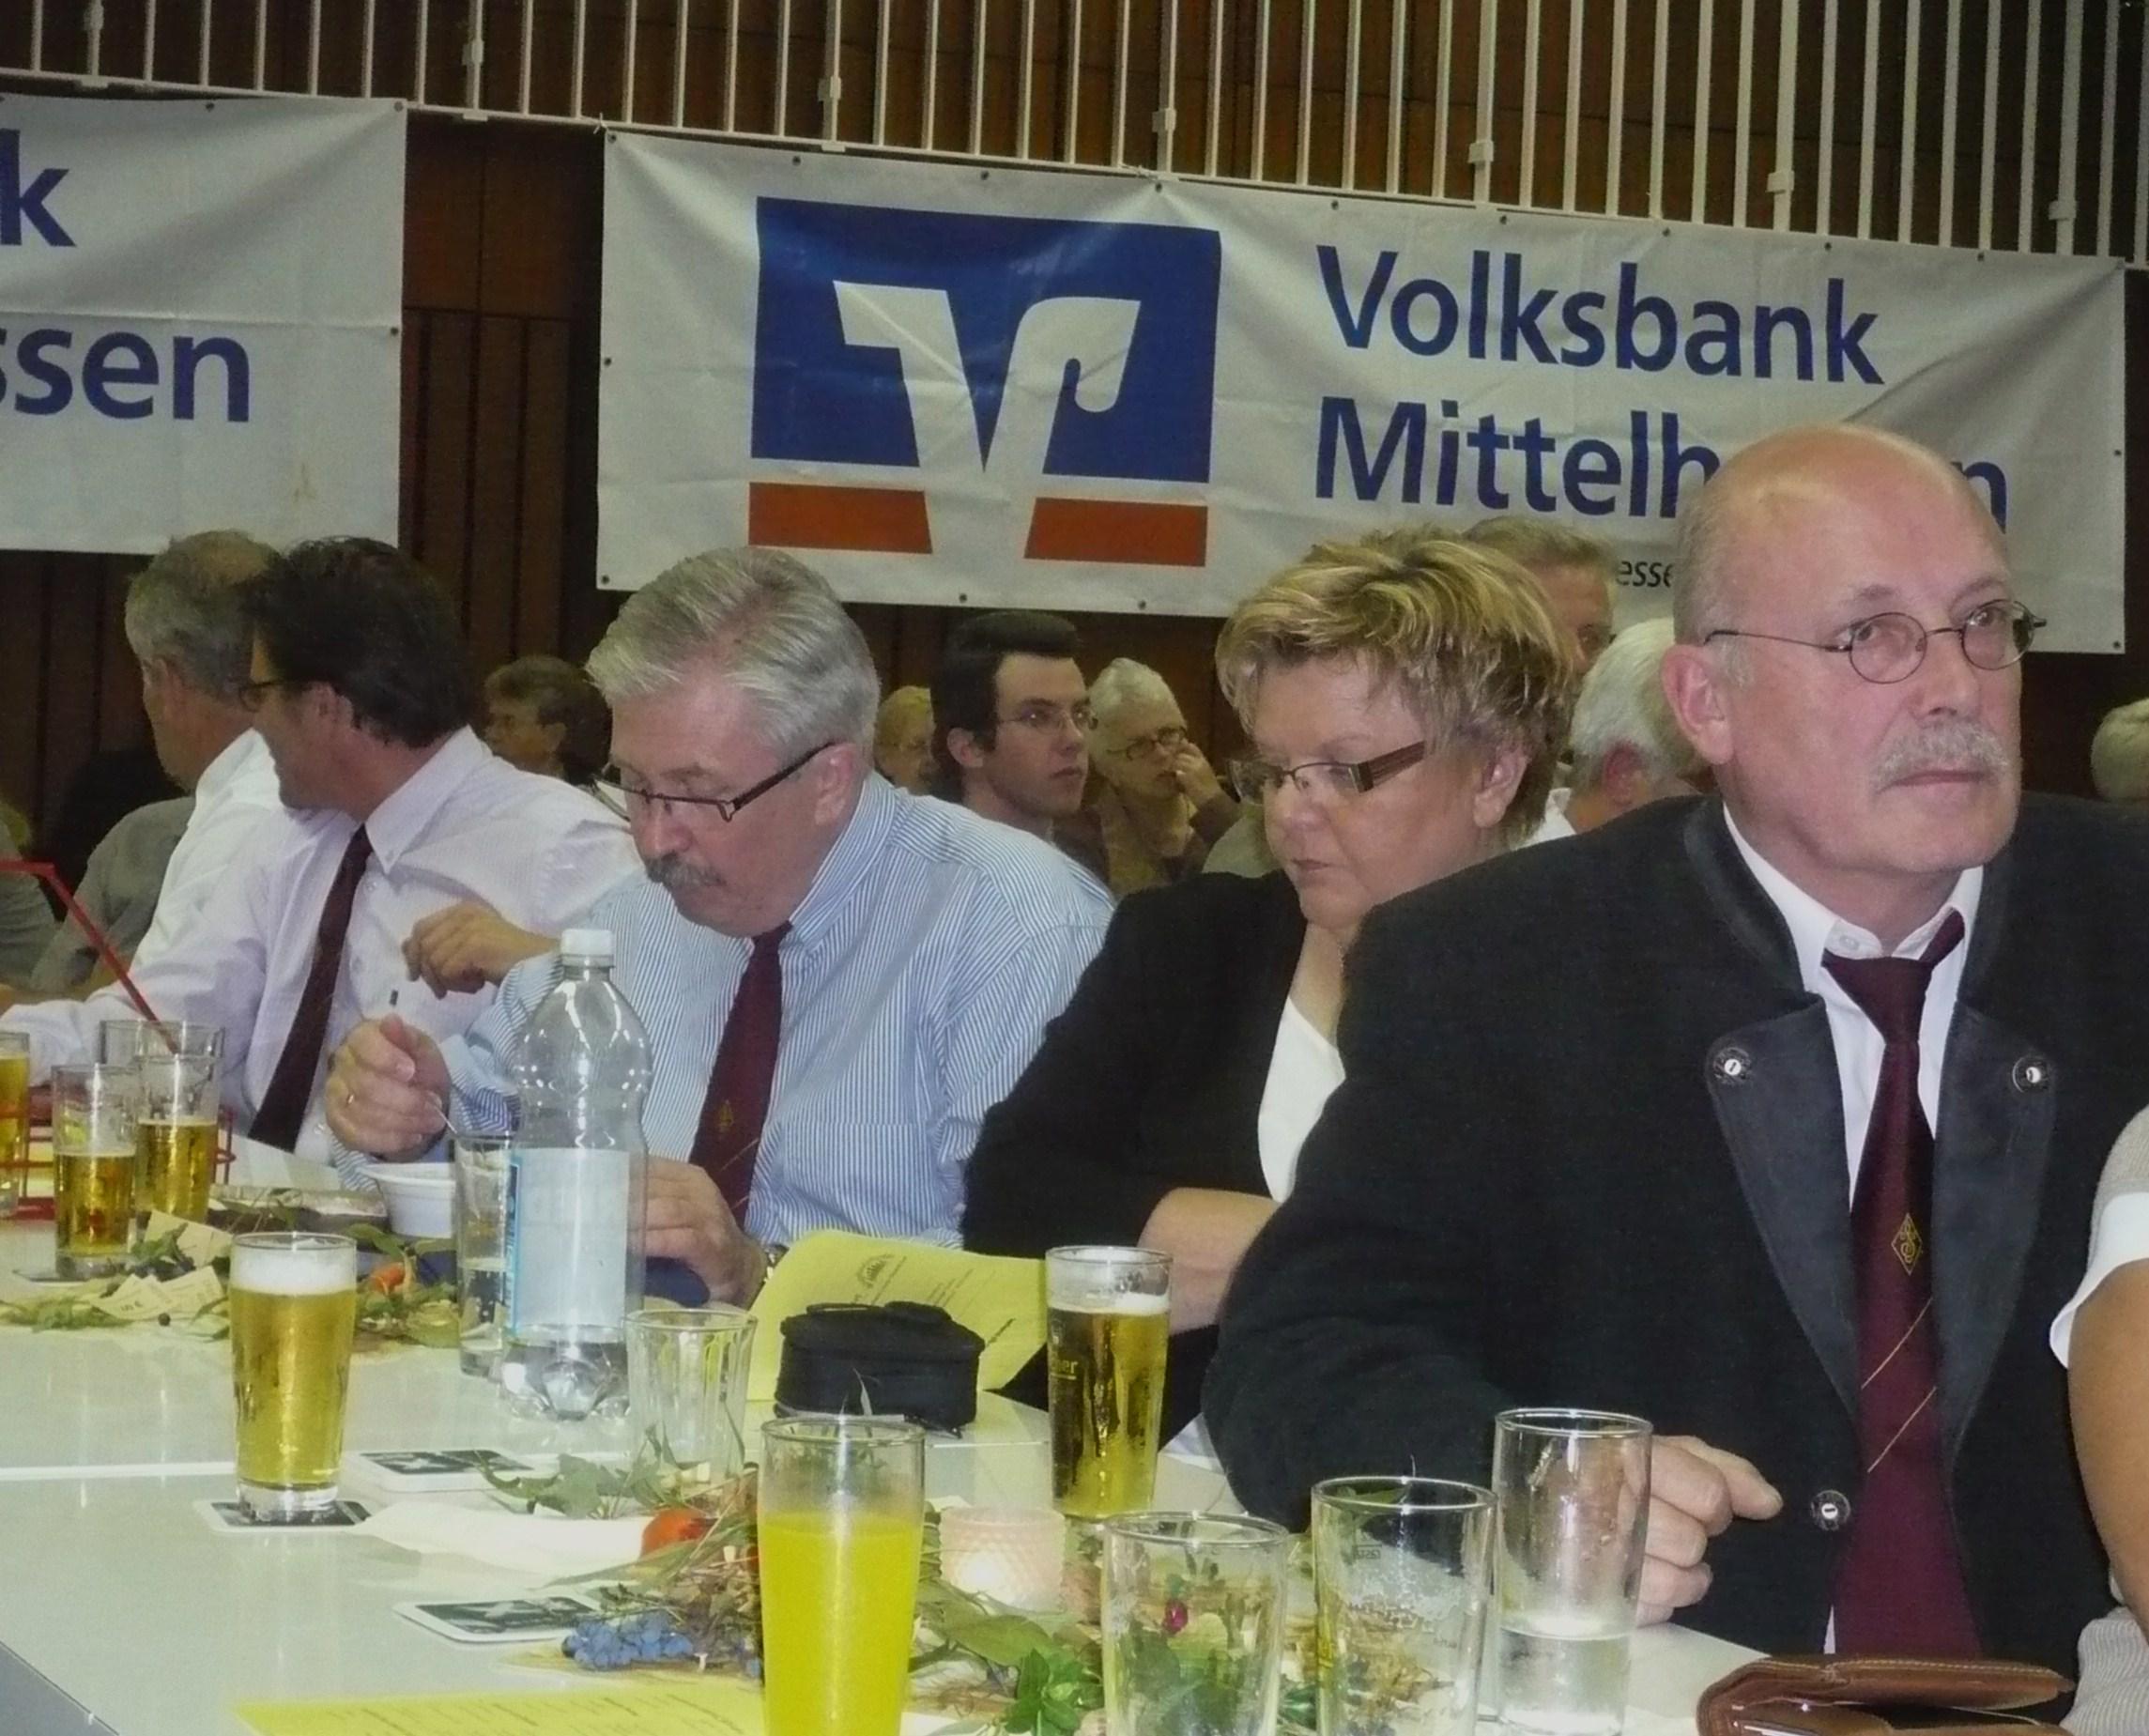 Chortreffen in Hessen 18. -20.9.2009 151